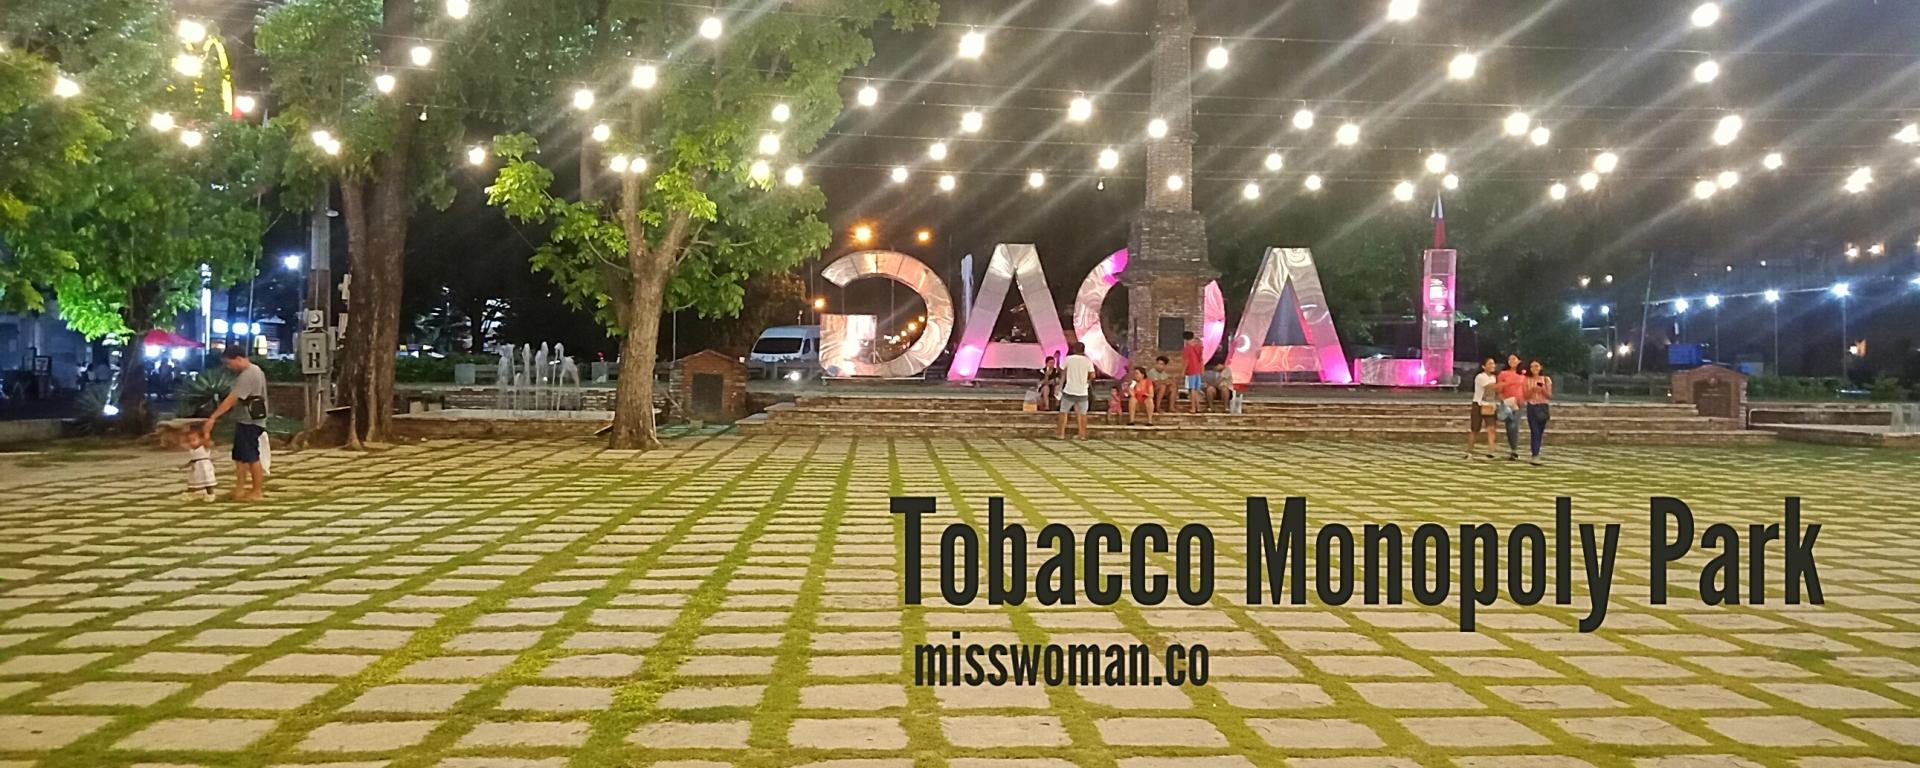 Tobacco Monopoly Park Aurora Park Laoag Ilocos Philippines